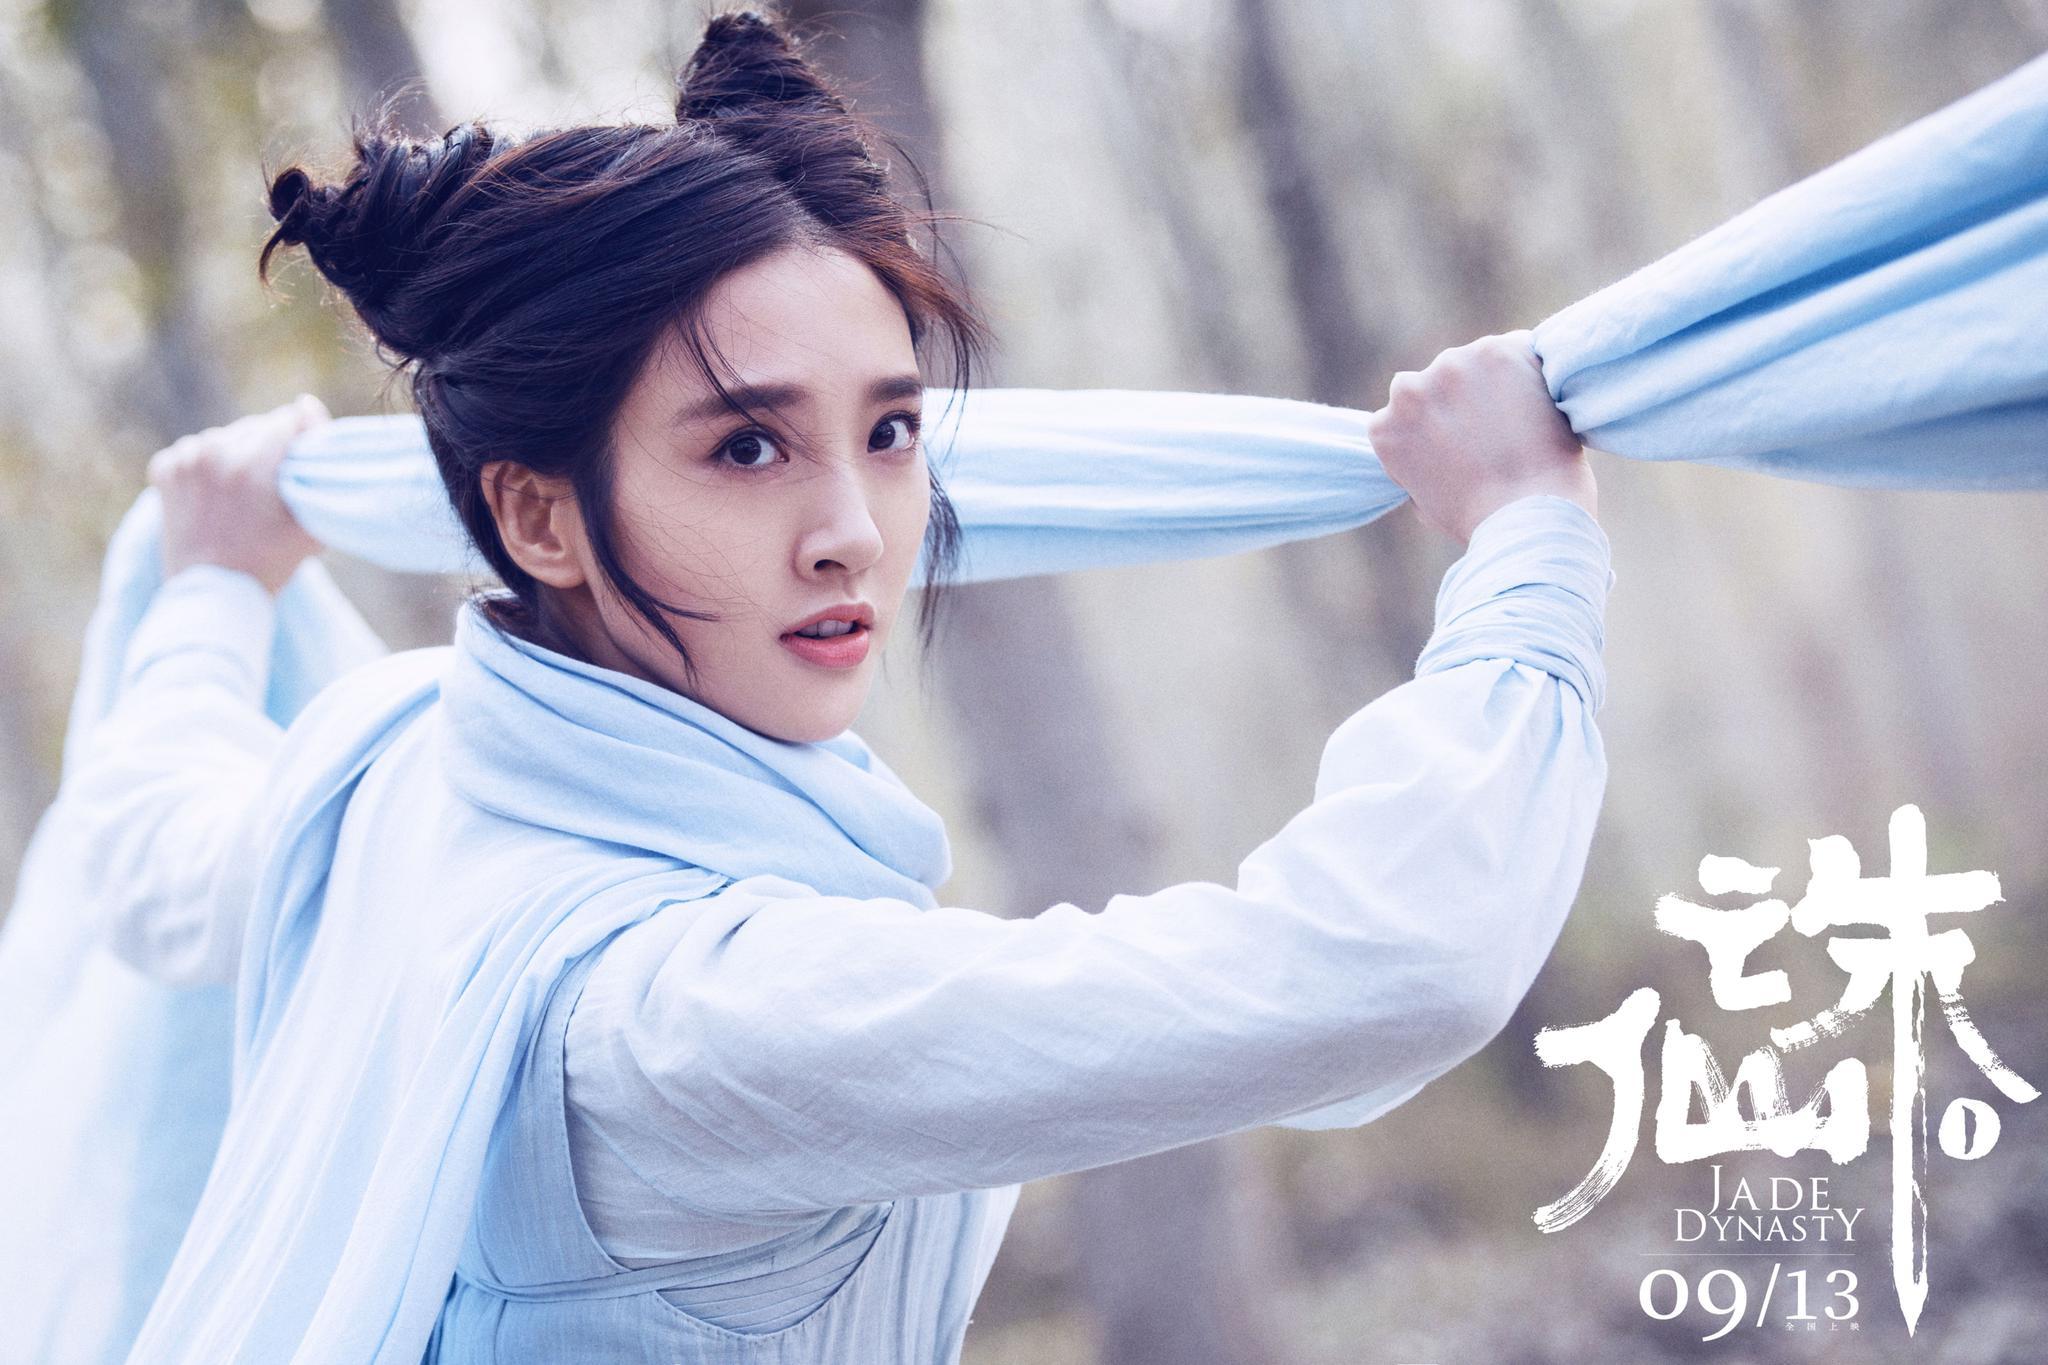 《诛仙Ⅰ》曝IMAX专属海报 东方笔触打造震撼视觉体验